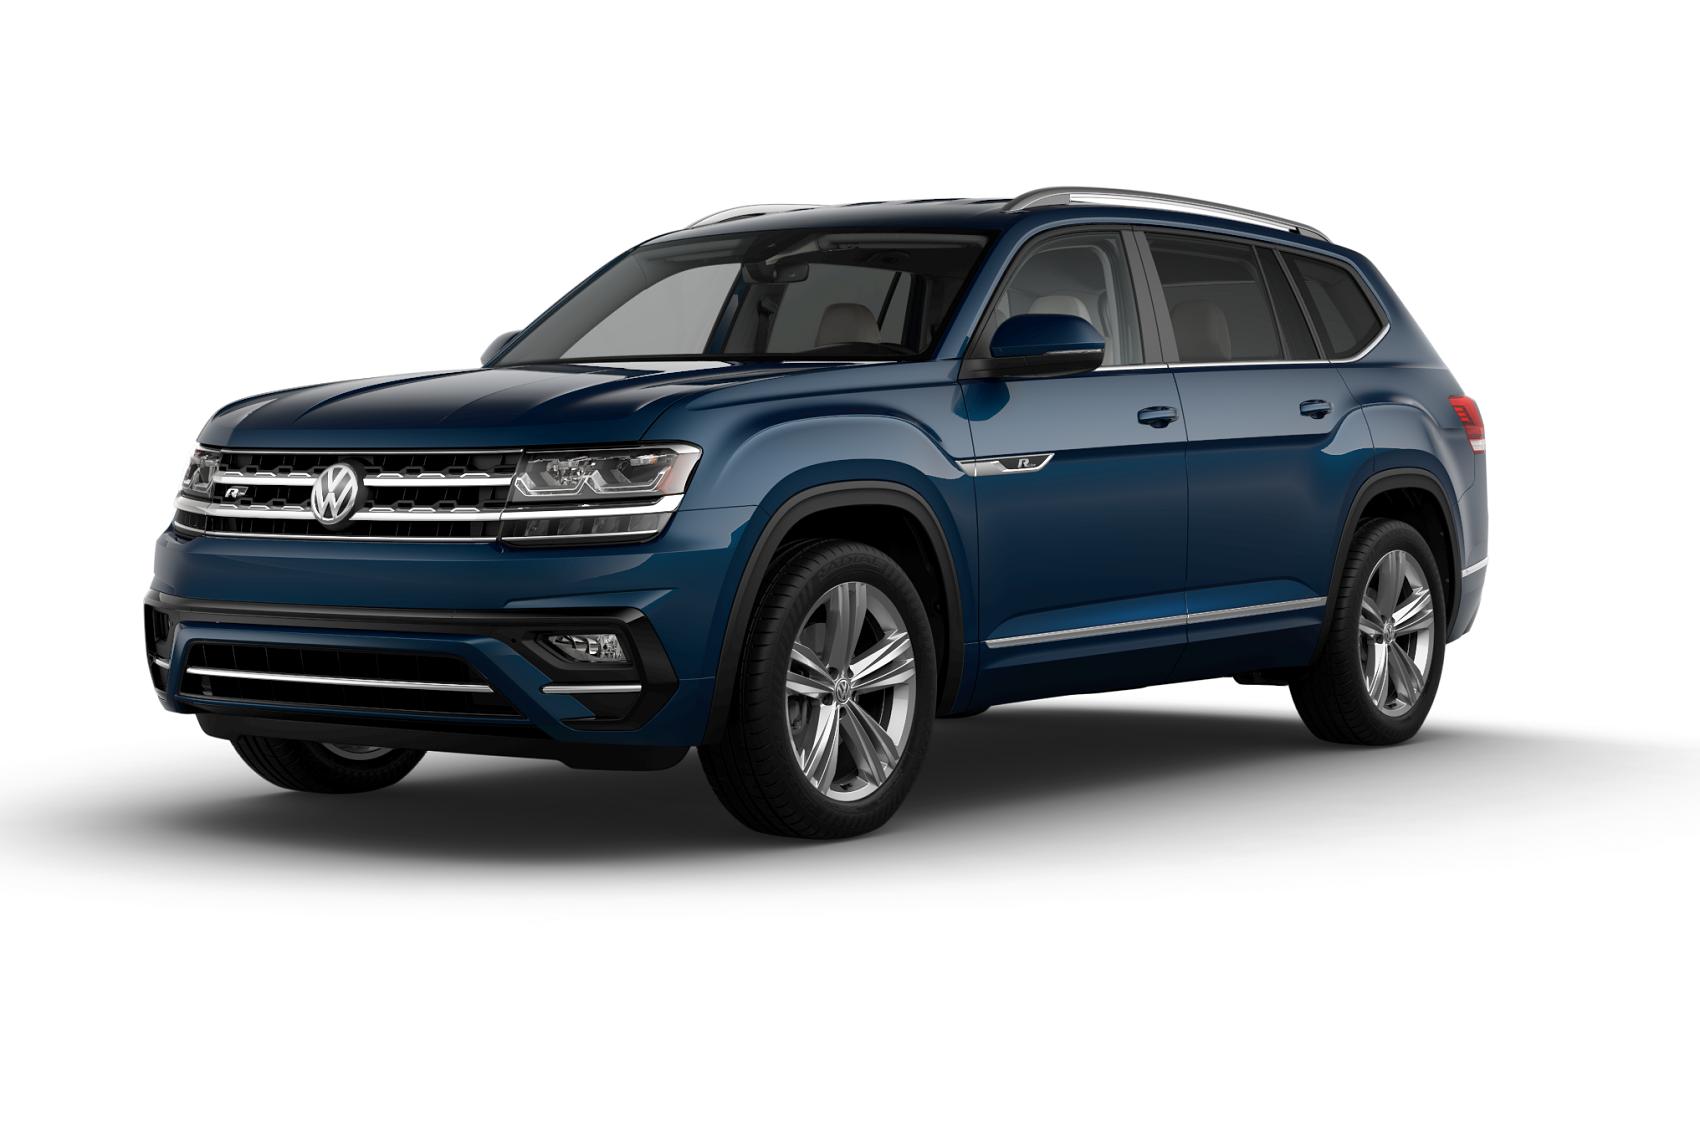 2019 Volkswagen Atlas SEL Blue Metallic